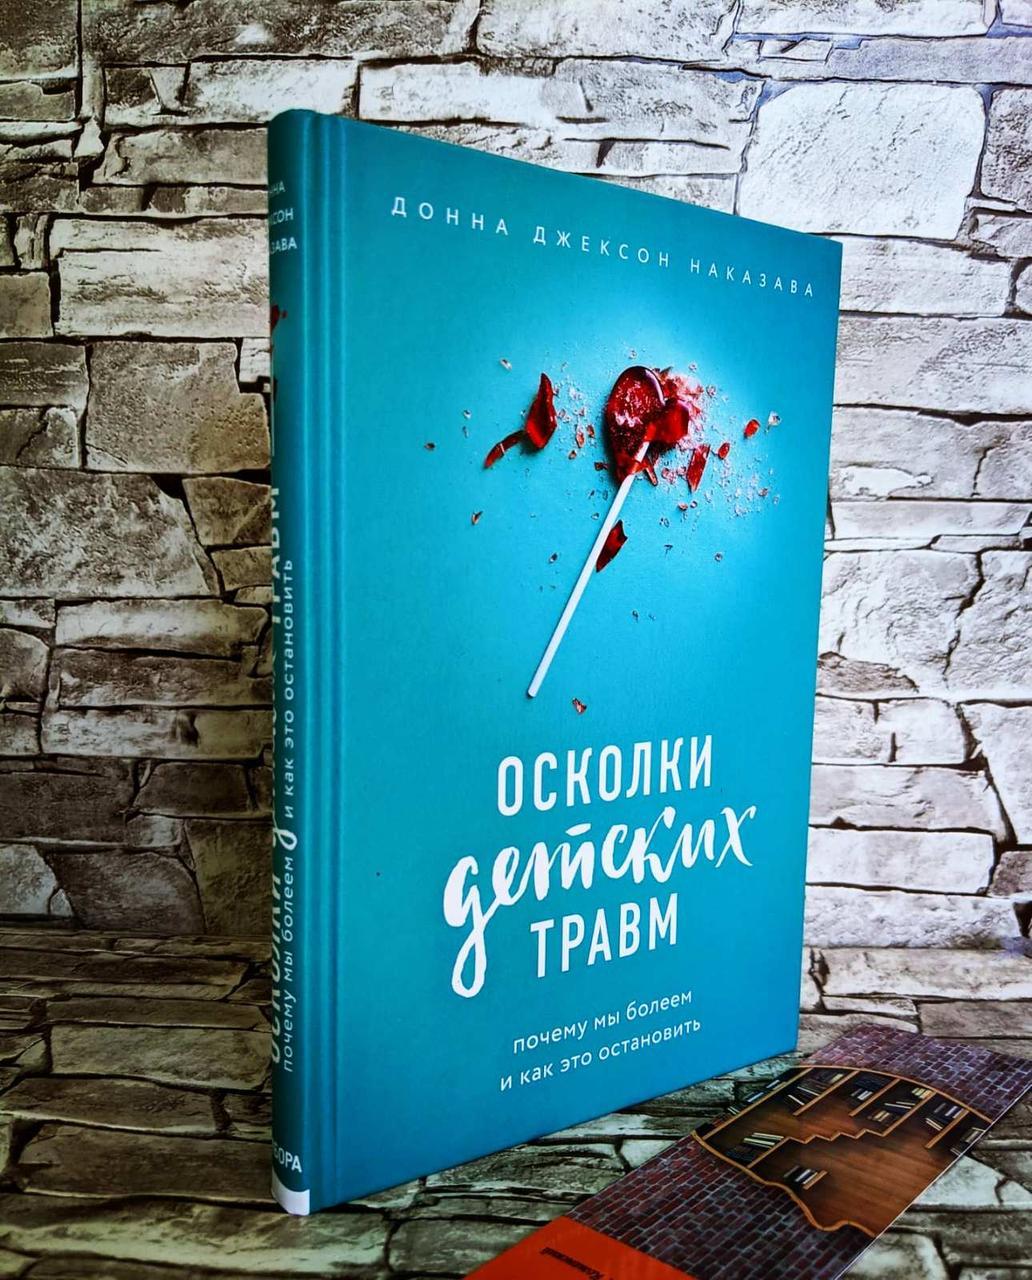 """Книга """"Осколки детских травм. Почему мы болеем и как это остановить"""" Донна Джексон Наказава"""